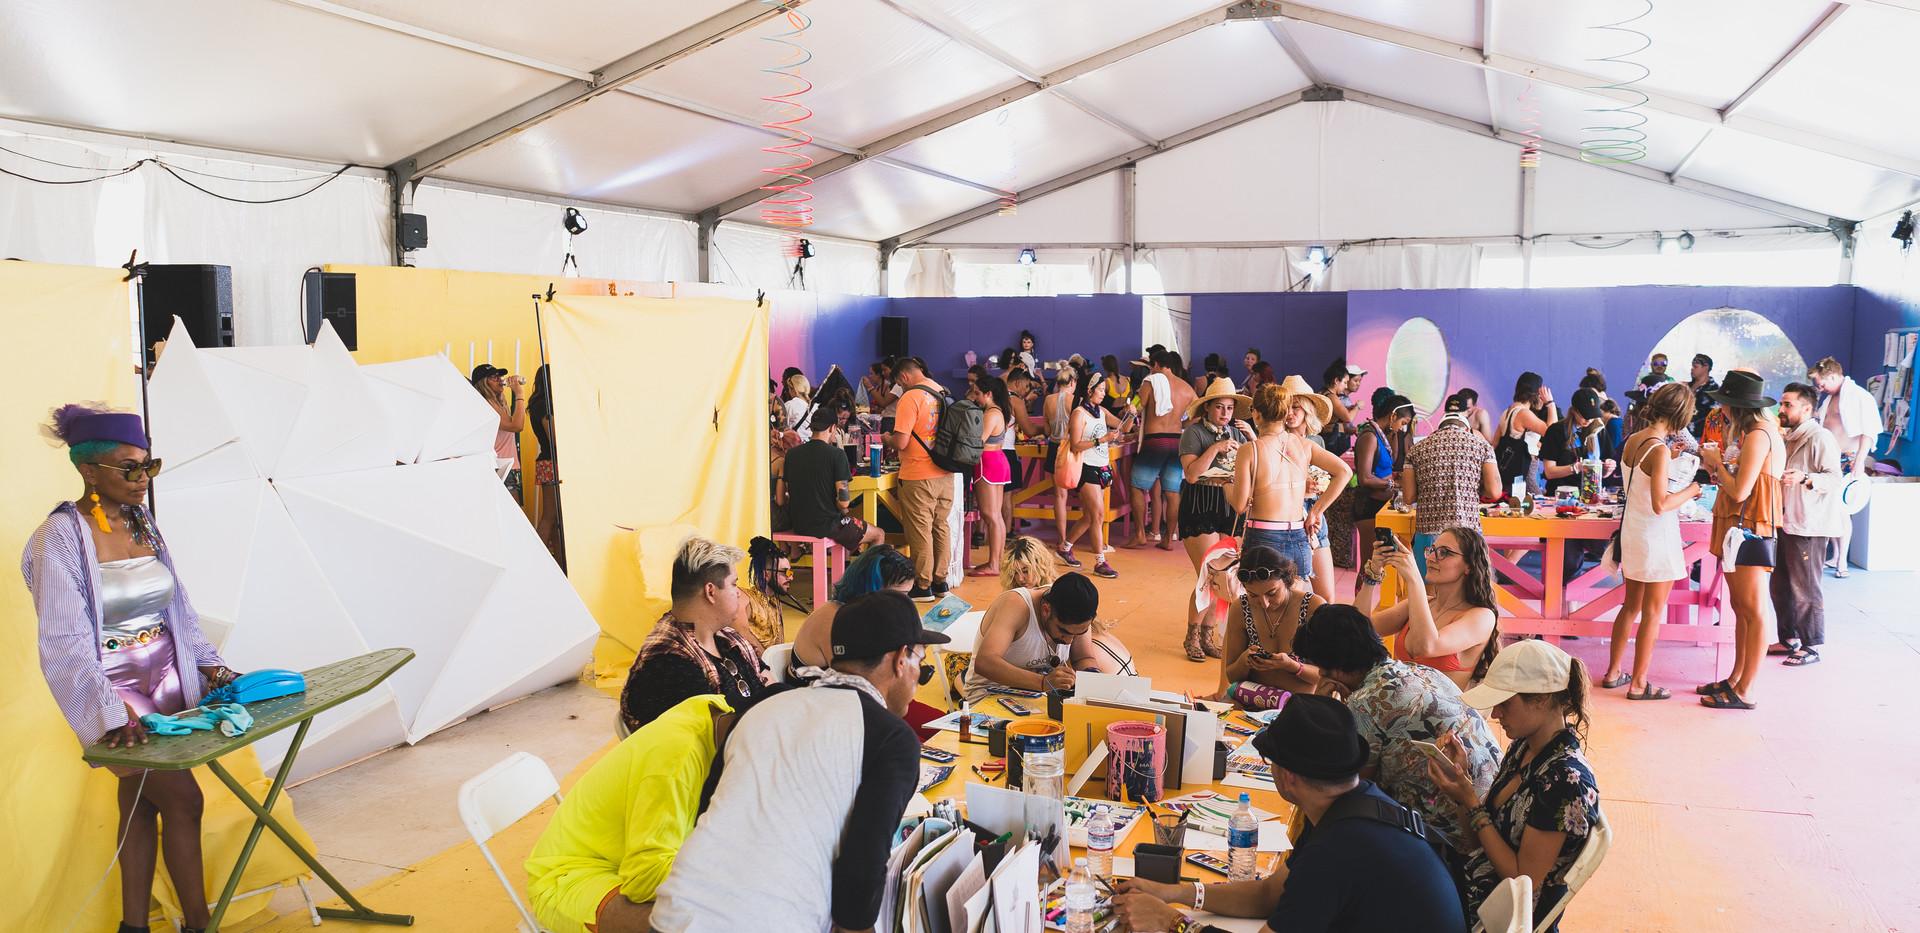 Coachella Art Studios 2019 51.jpg